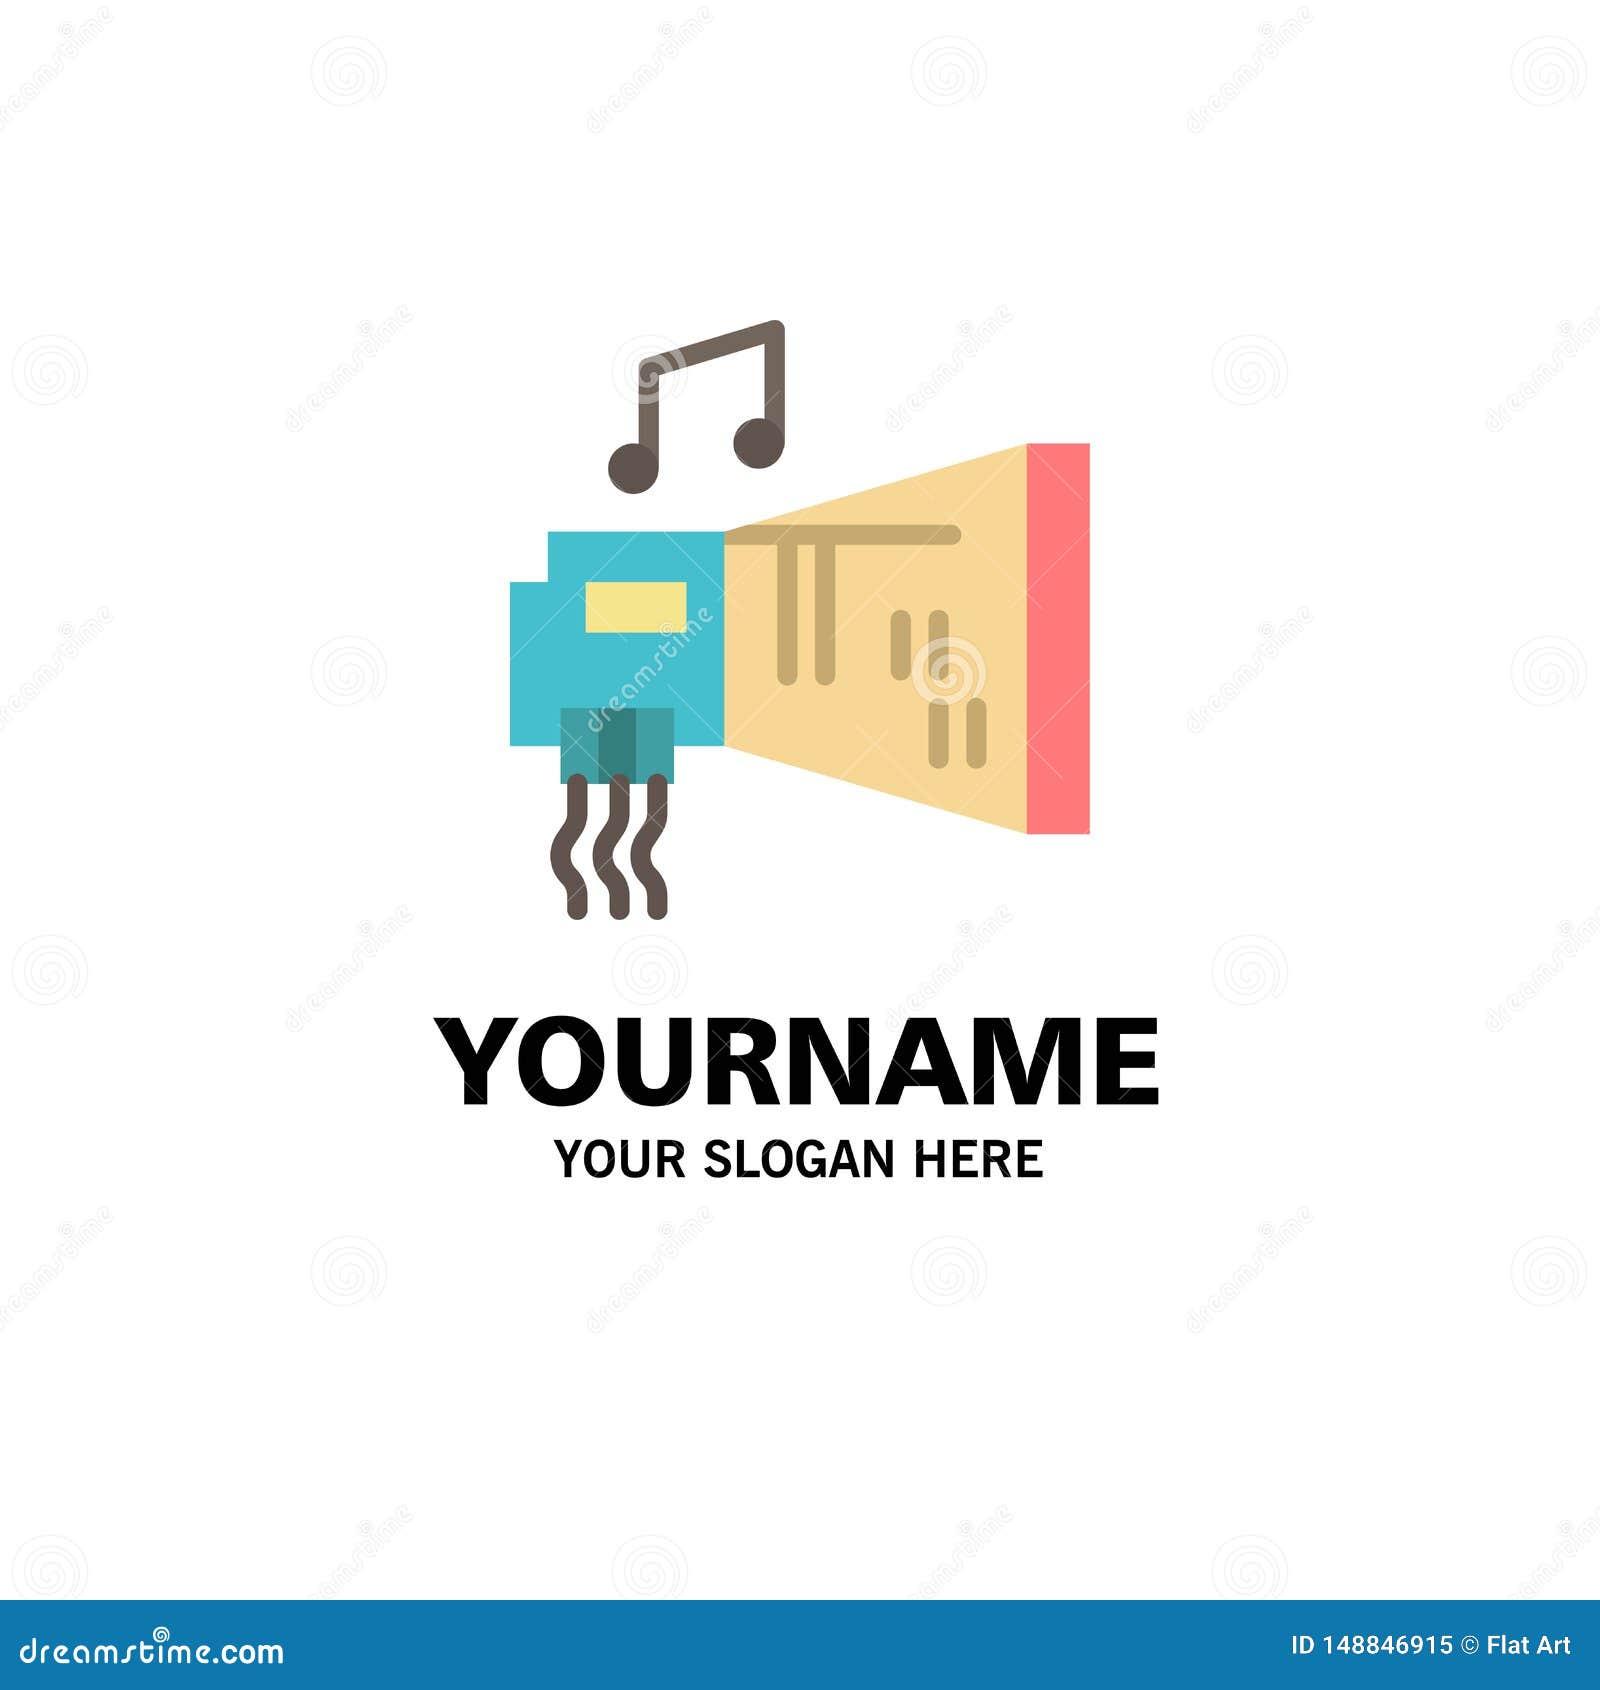 Ήχος, αμμοστρωτική μηχανή, συσκευή, υλικό, πρότυπο λογότυπων μουσικής βιομηχανίας Επίπεδο χρώμα